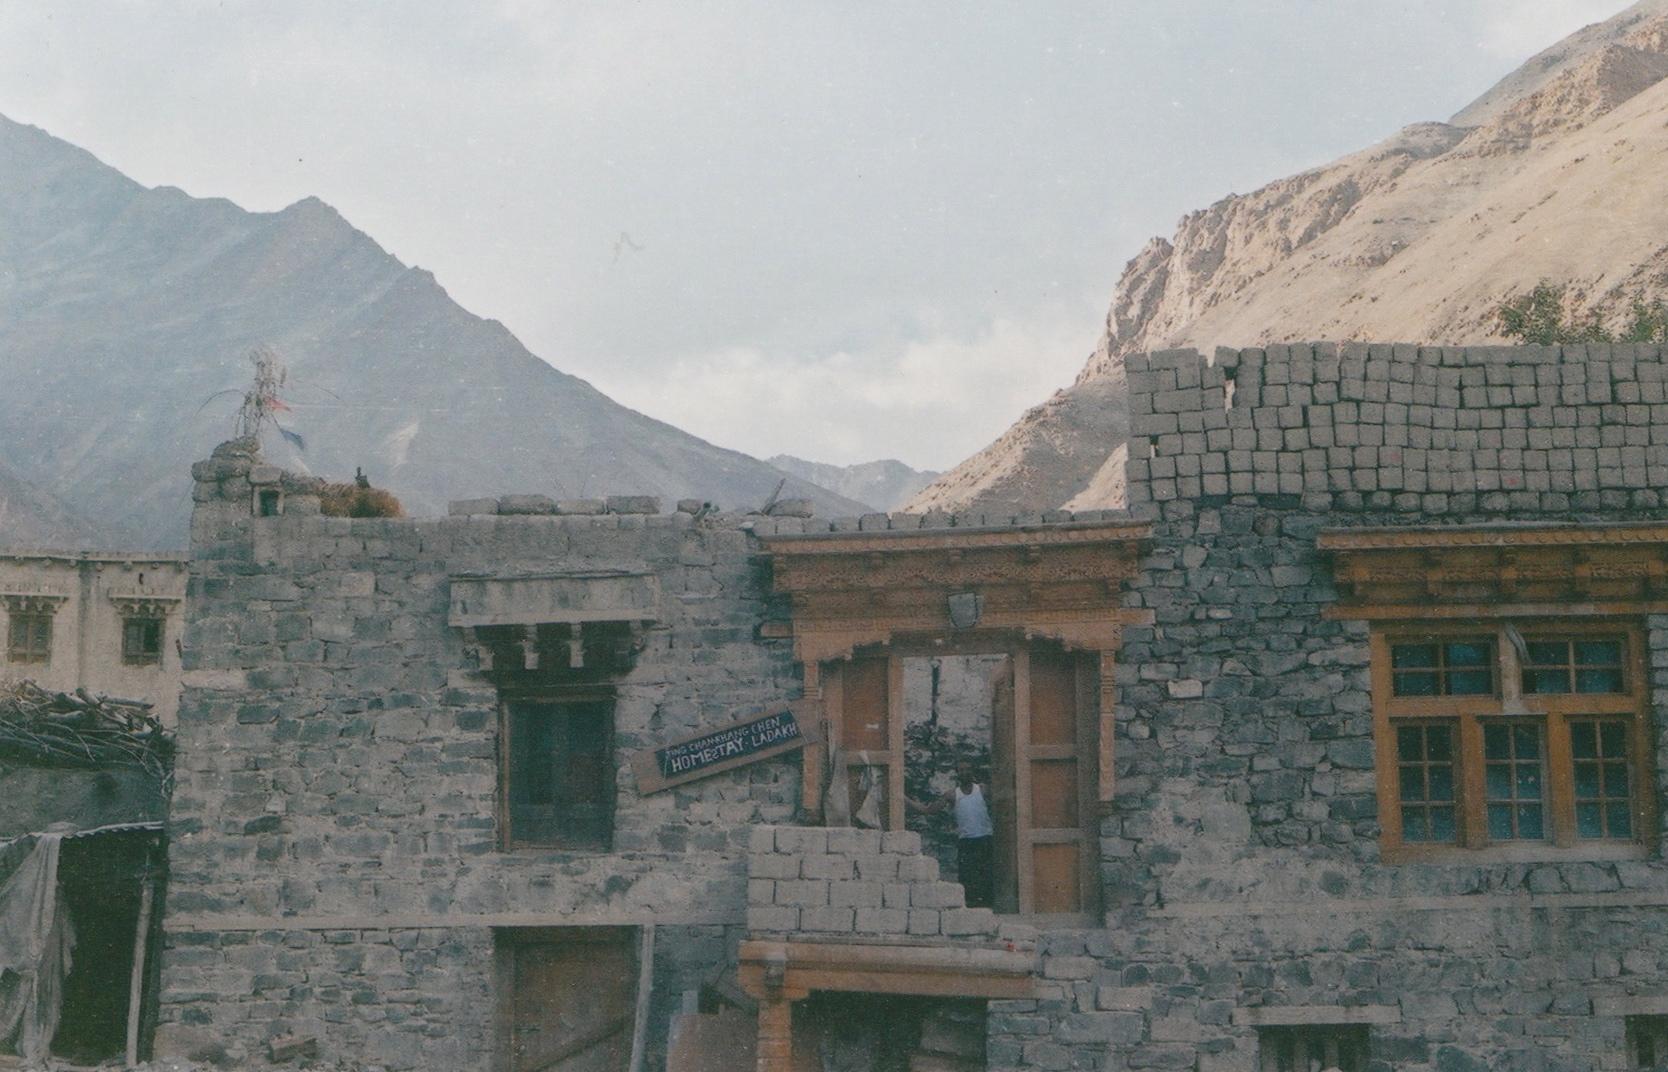 Homestay, Ladakh, India